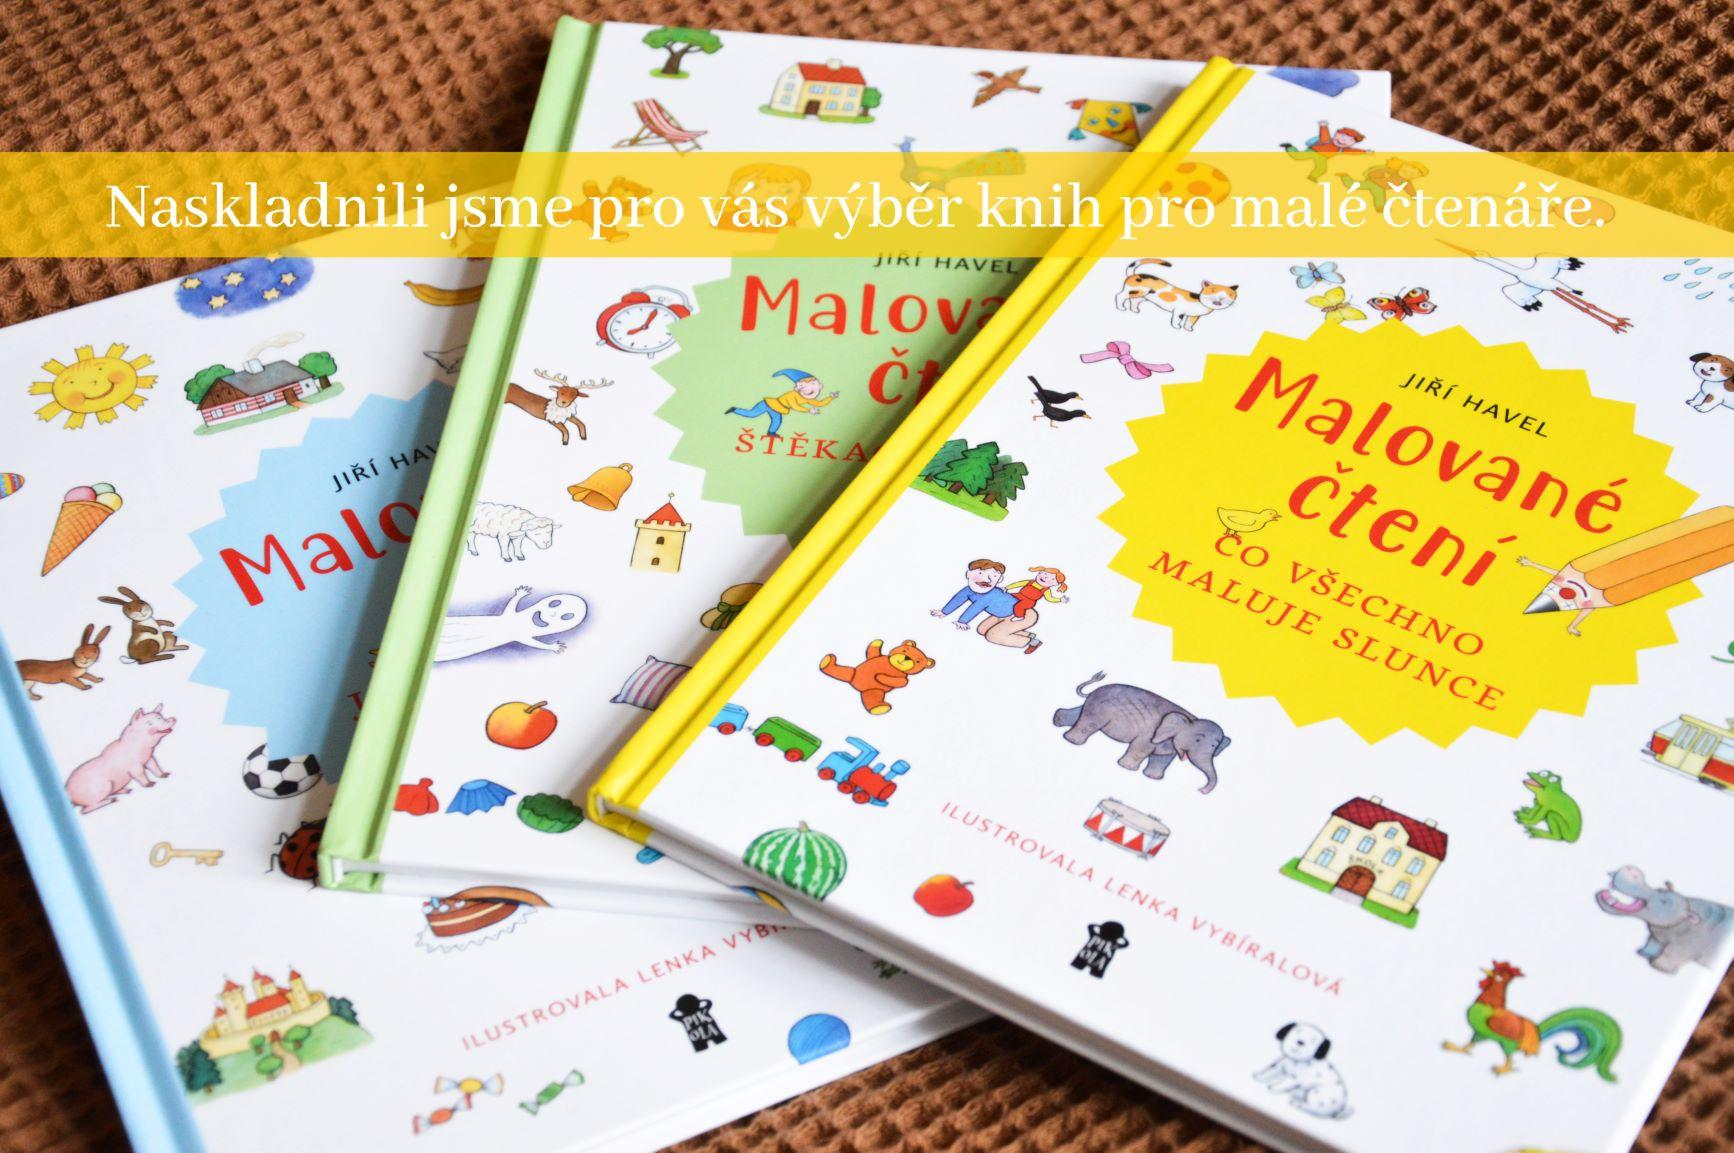 Knihy pro malé čtenáře